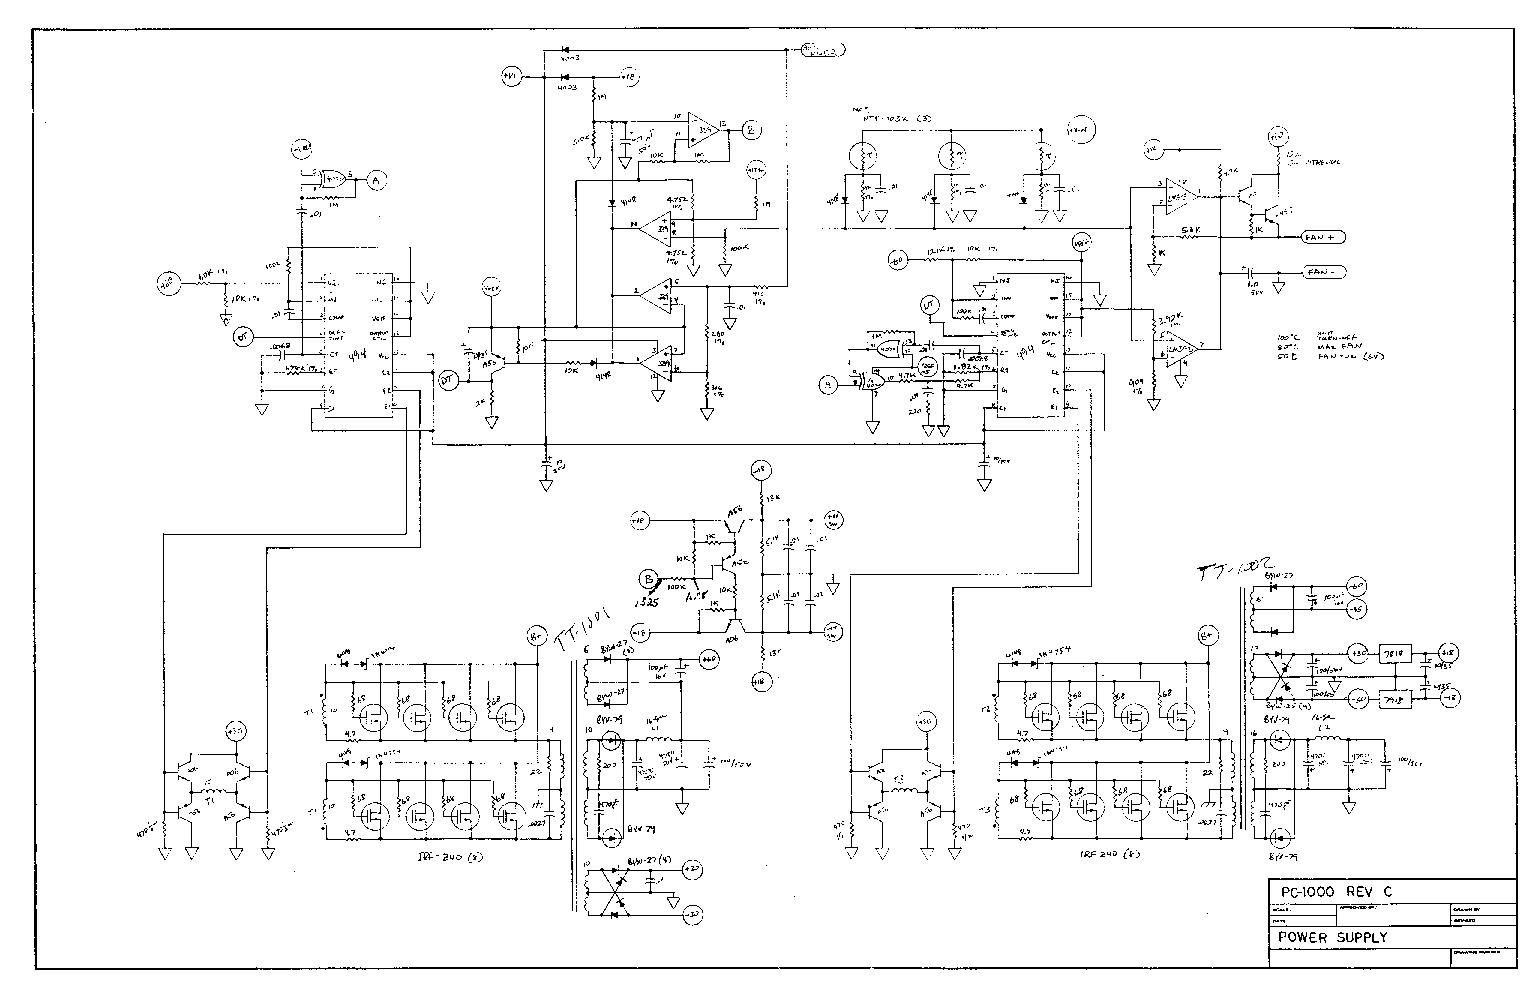 Vr Amp Rockford Fosgate 650 Mos Fet Wiring Diagram